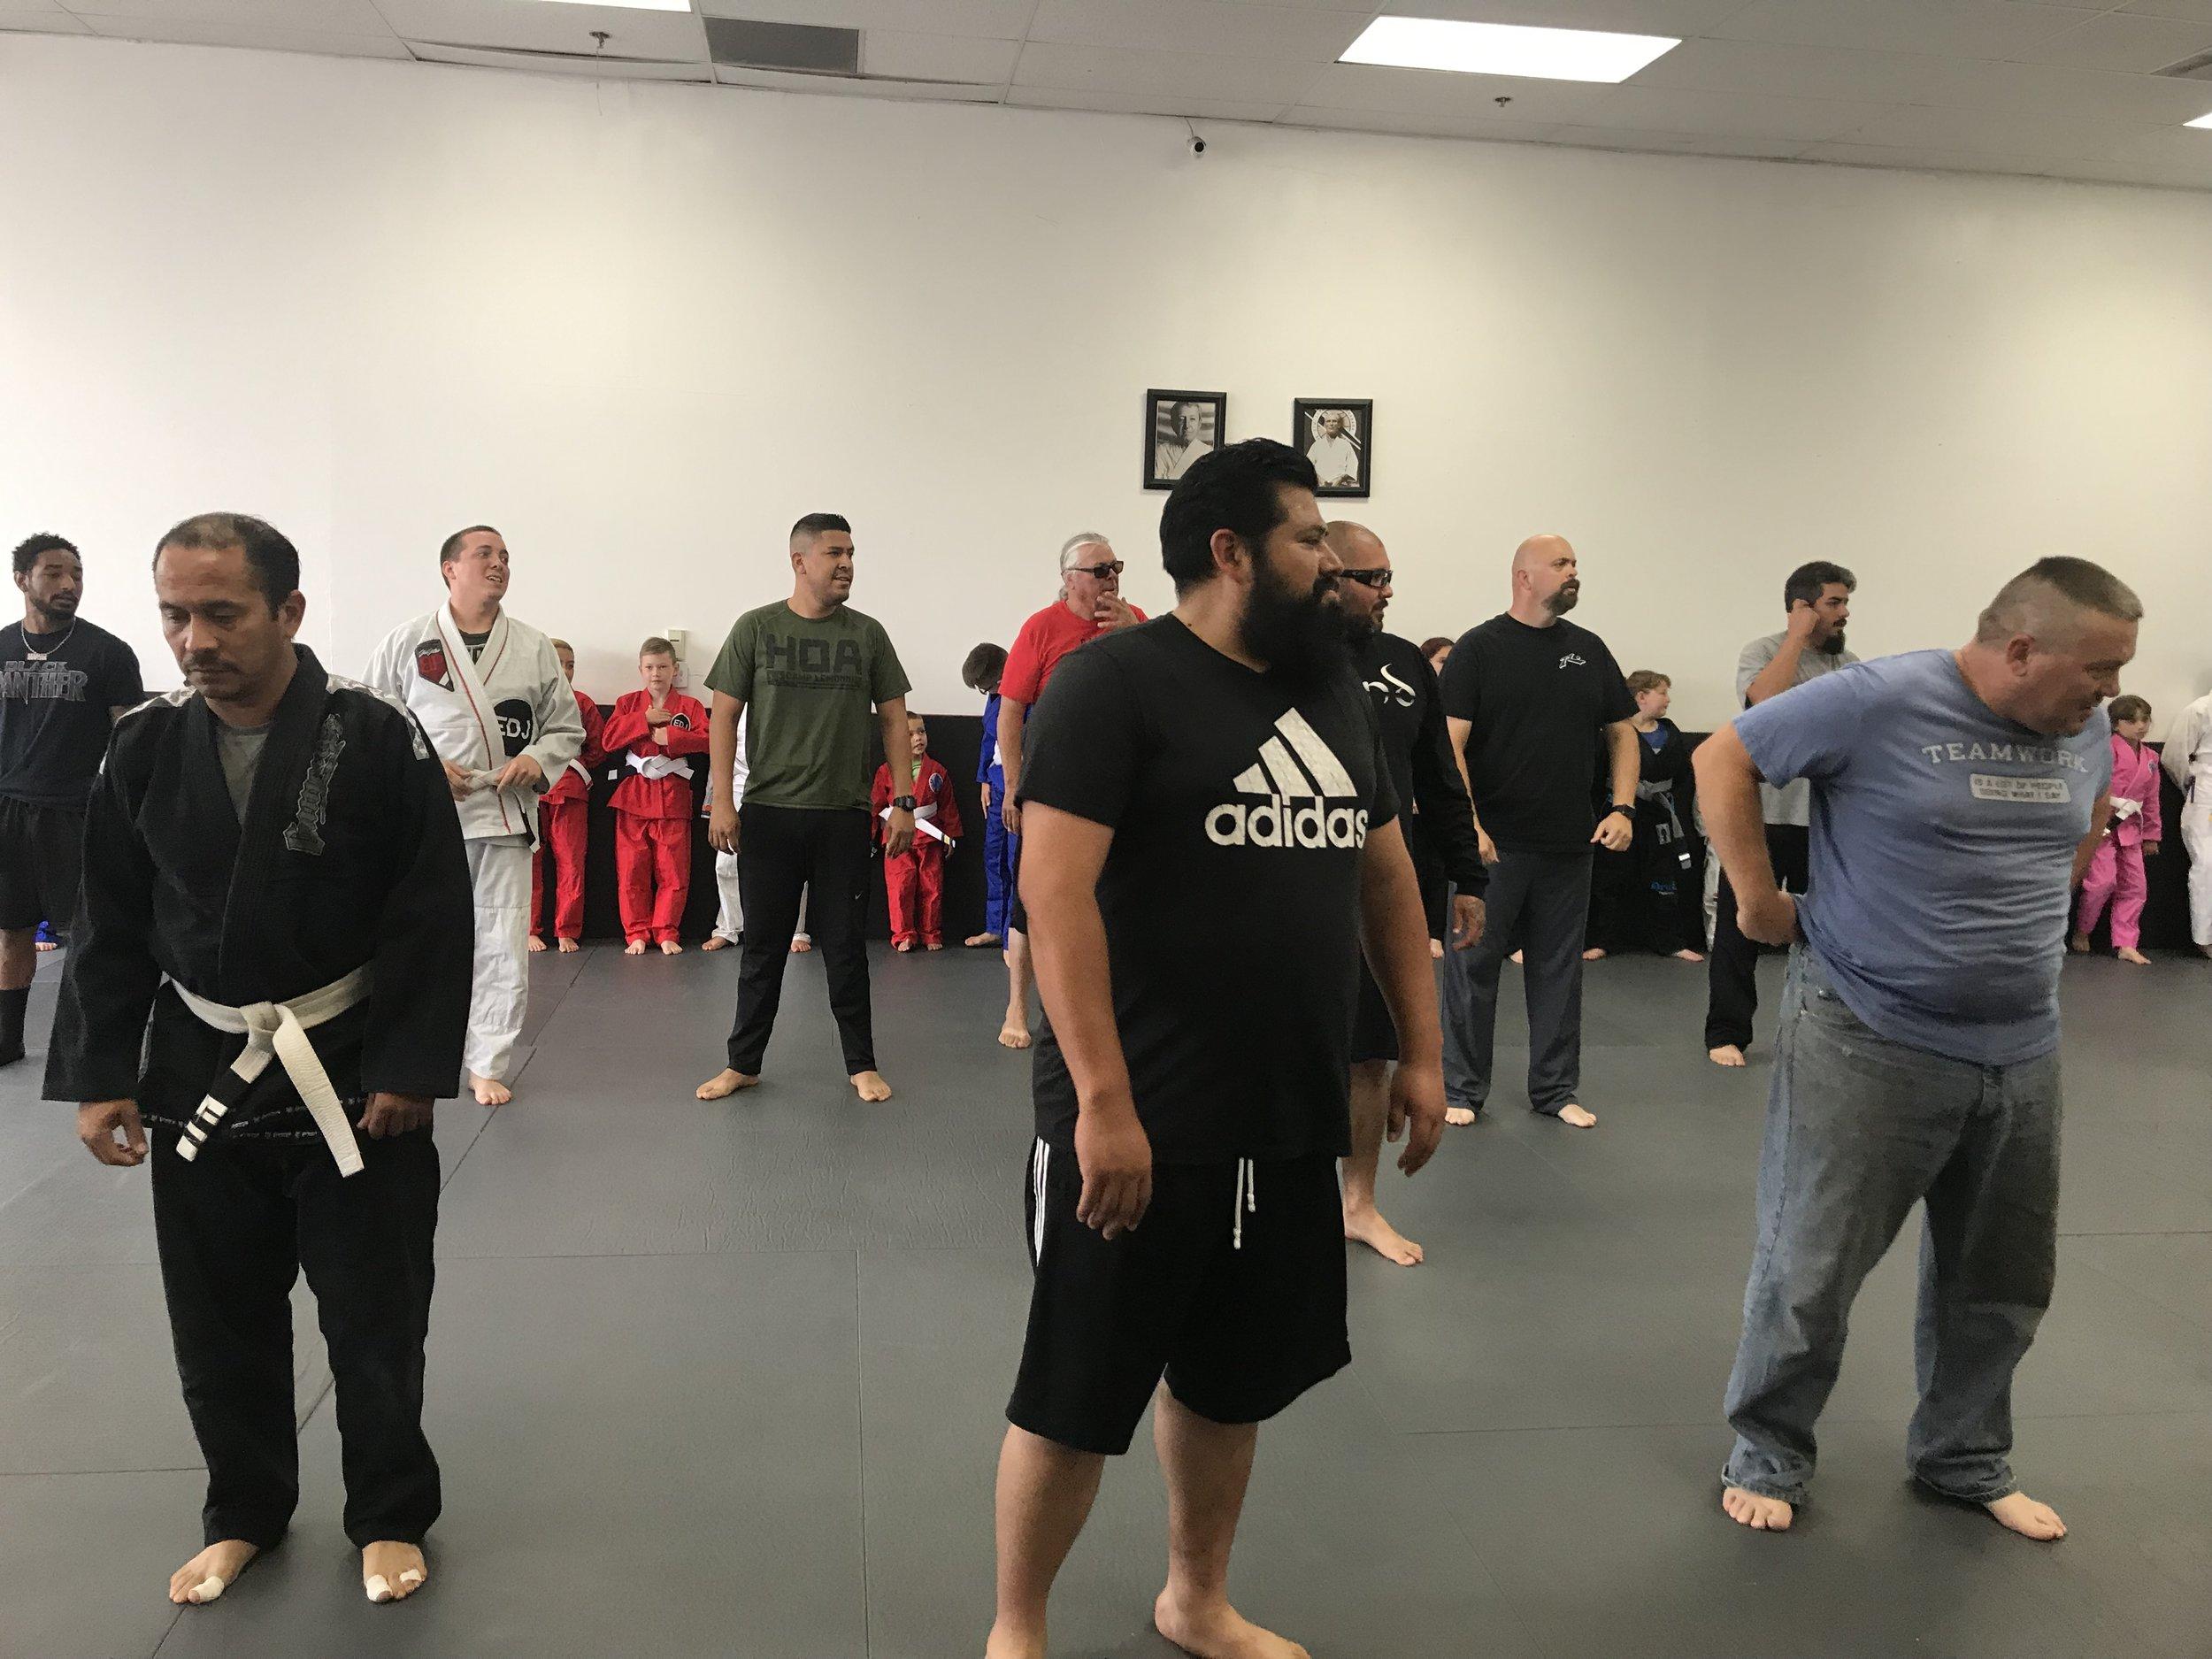 dad's jiu jitsu